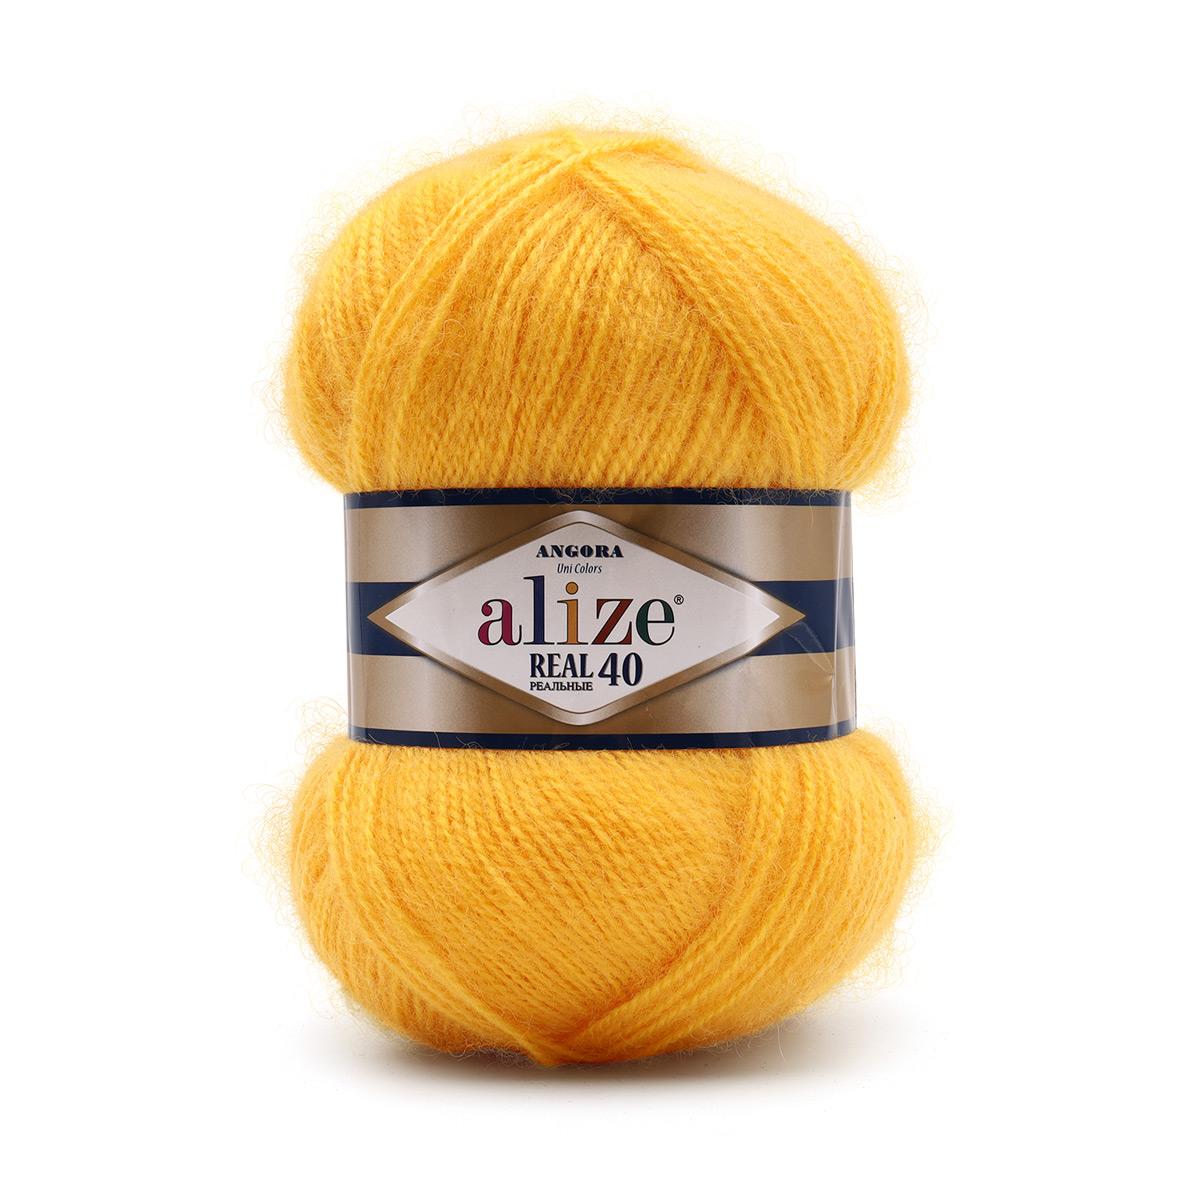 Пряжа ALIZE 'Angora real 40' 100 гр. 480м (40% шерсть, 60% акрил)